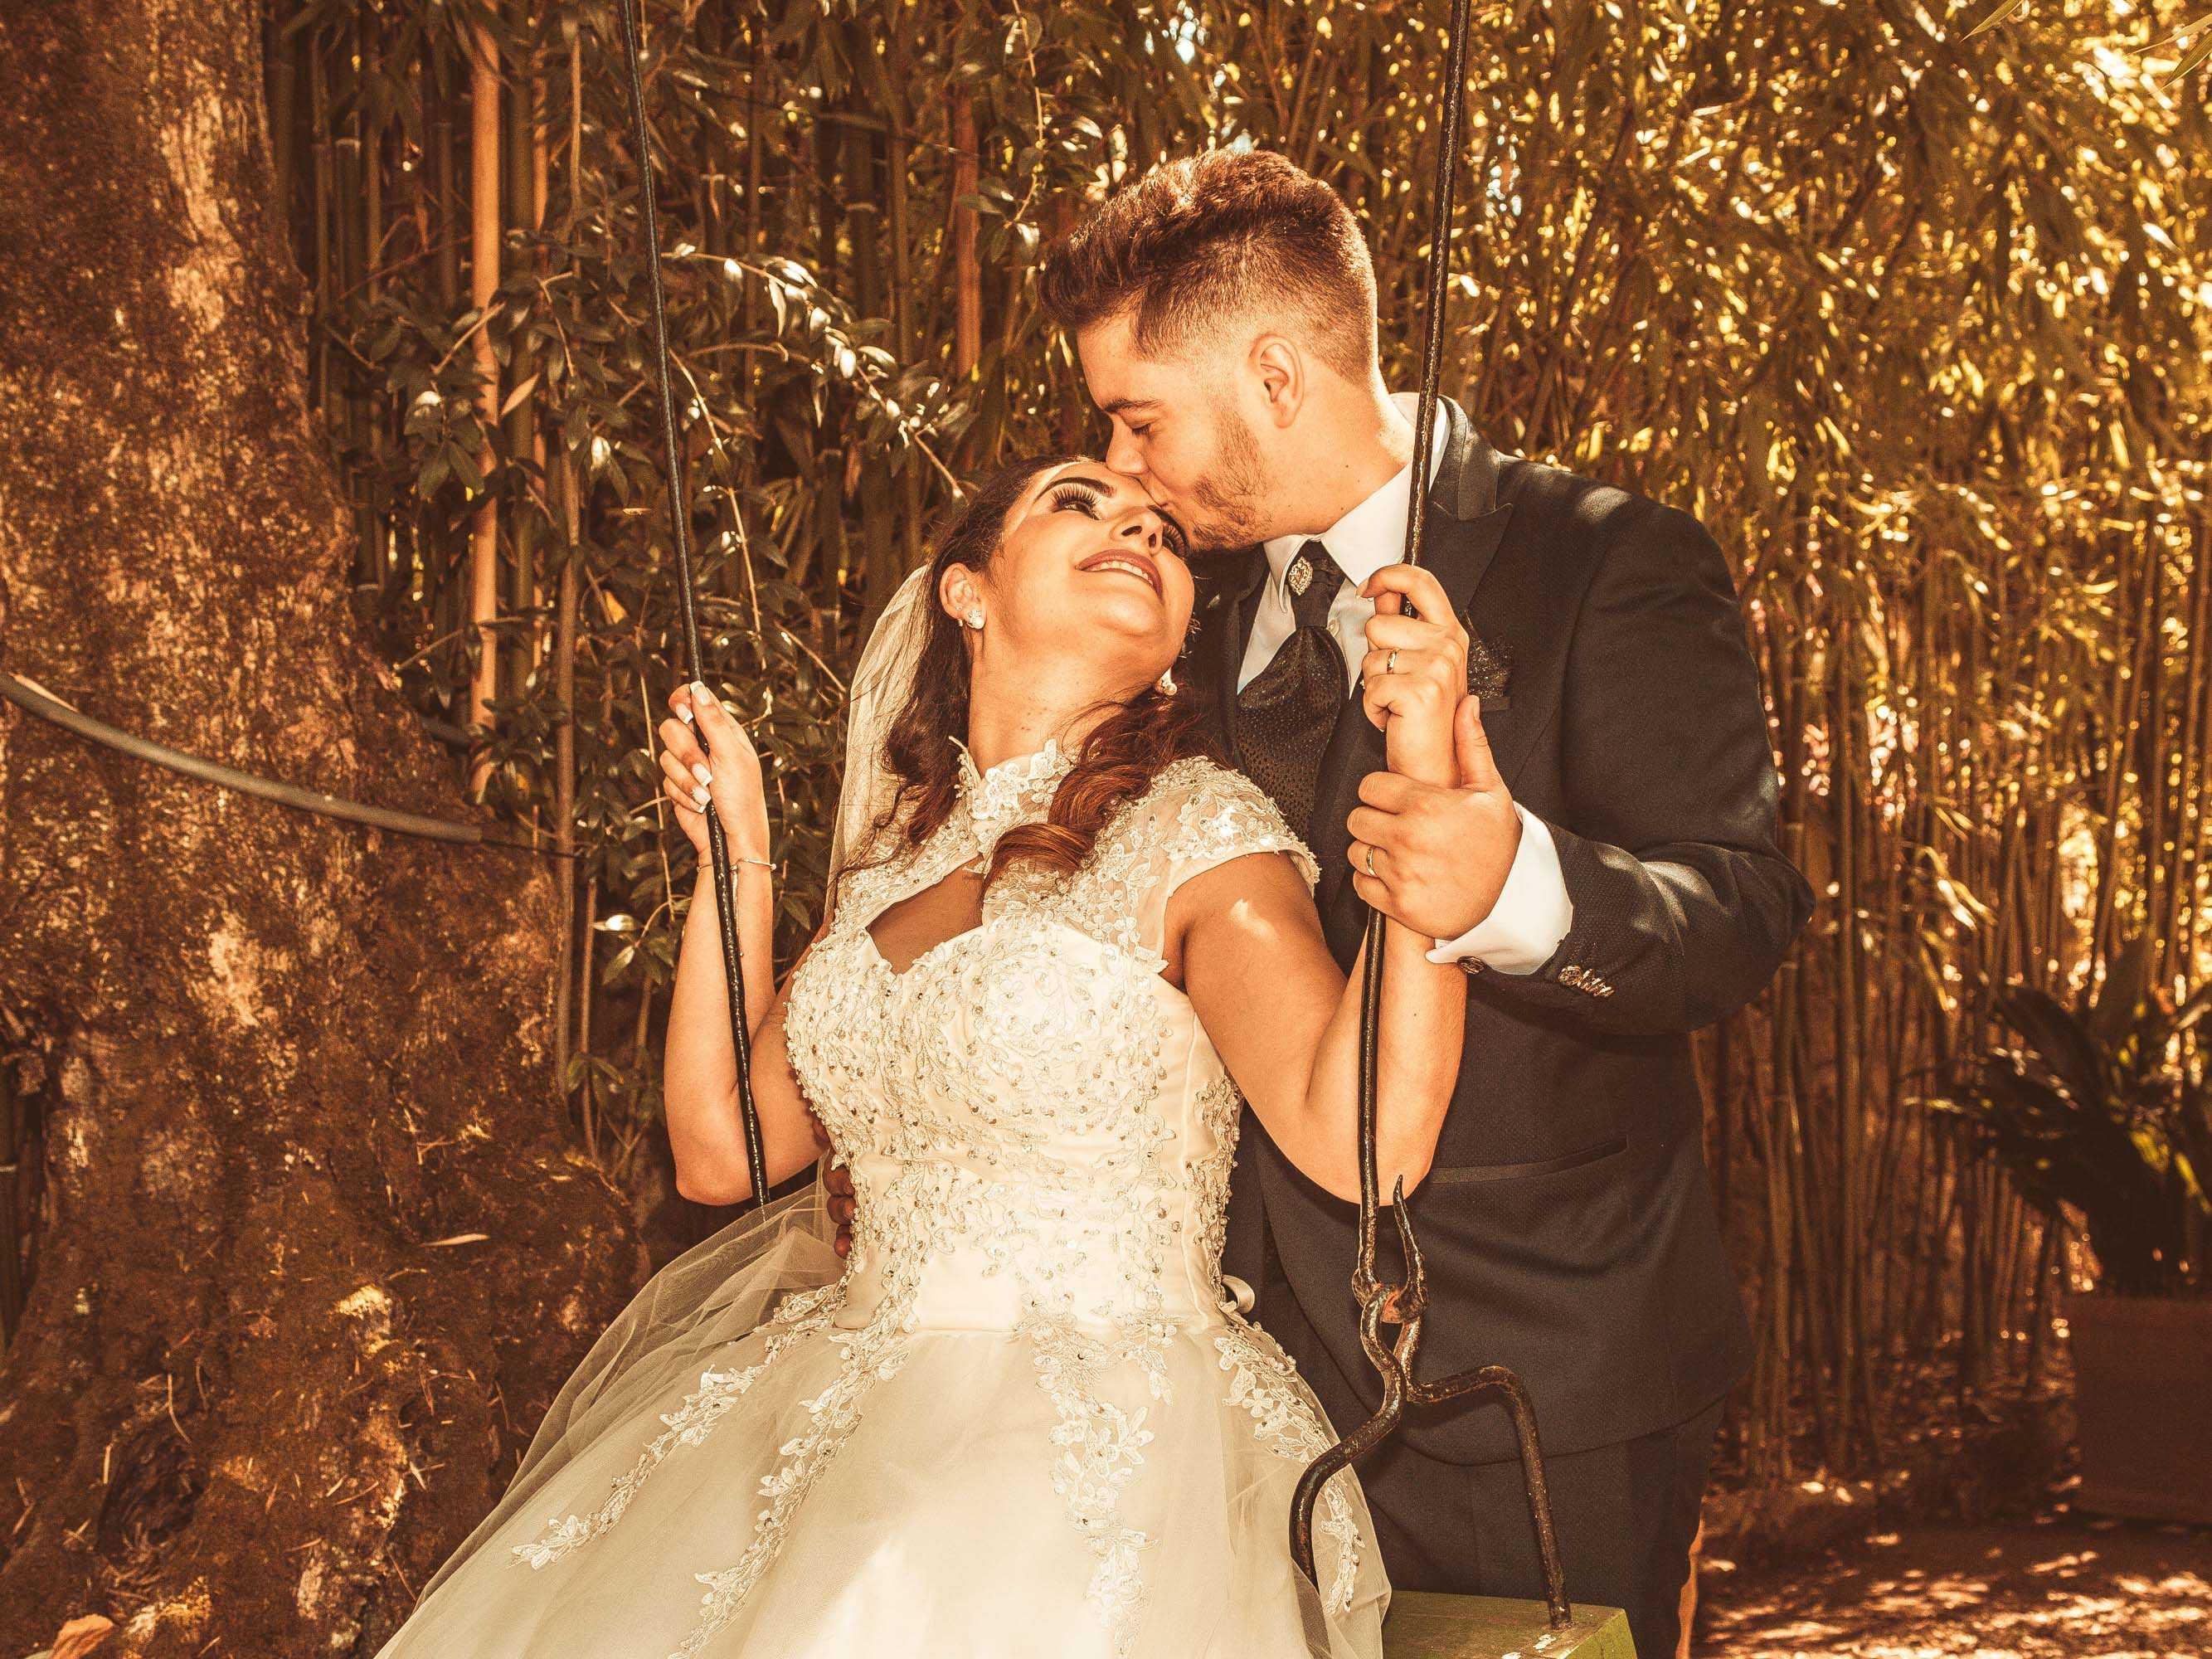 Fotógrafo de Casamentos.pt_18